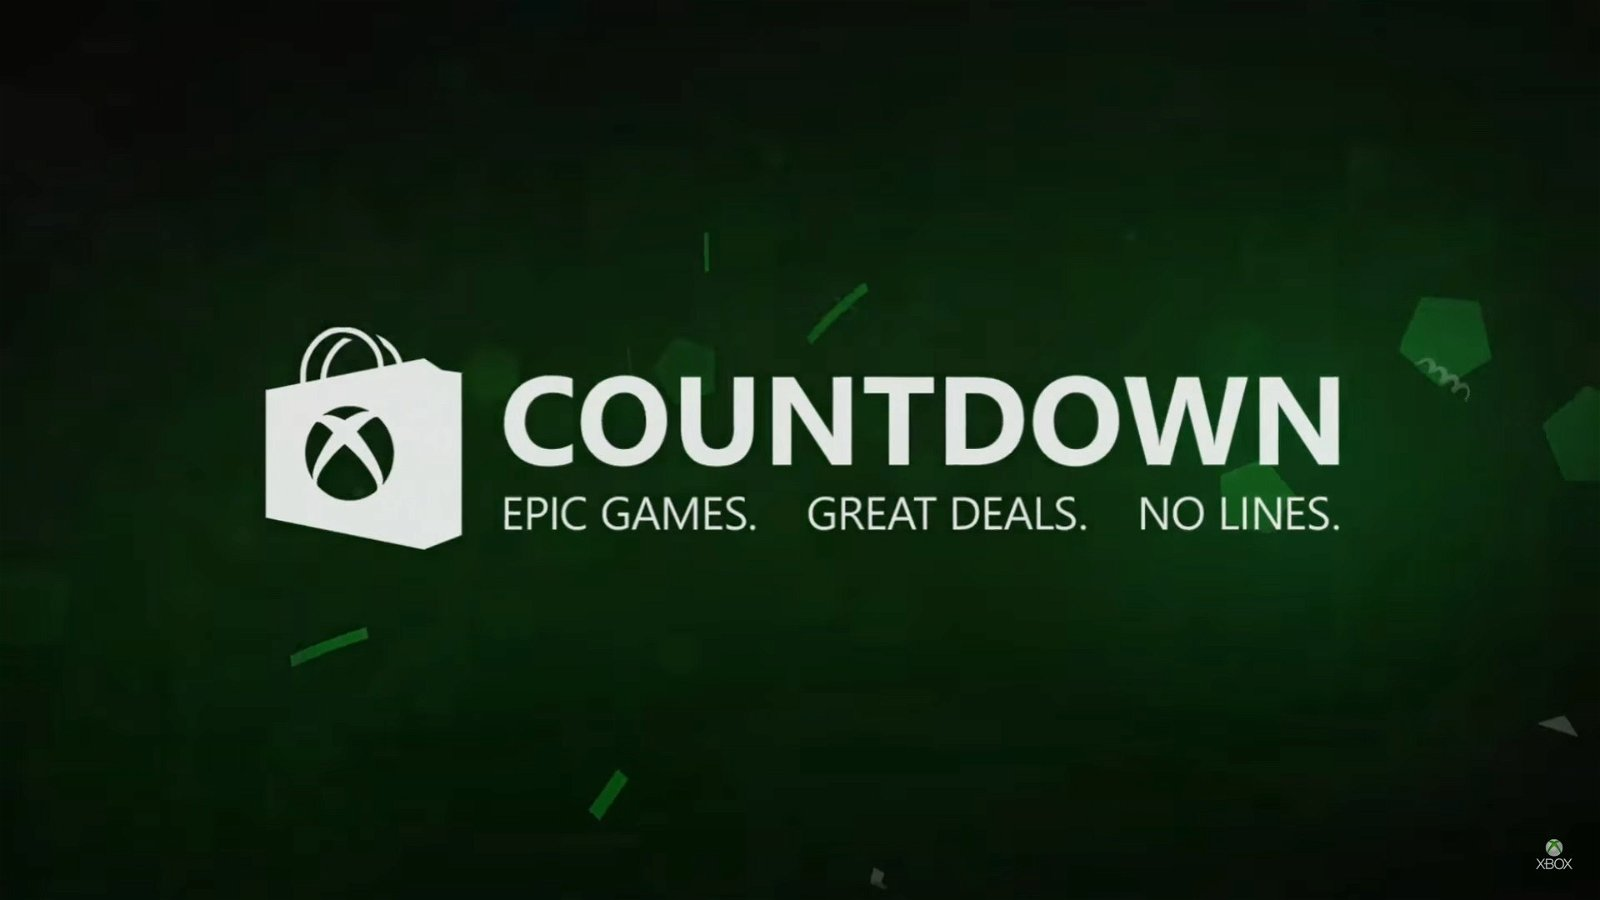 Xbox comienza sus mayores ofertas el 22 de diciembre